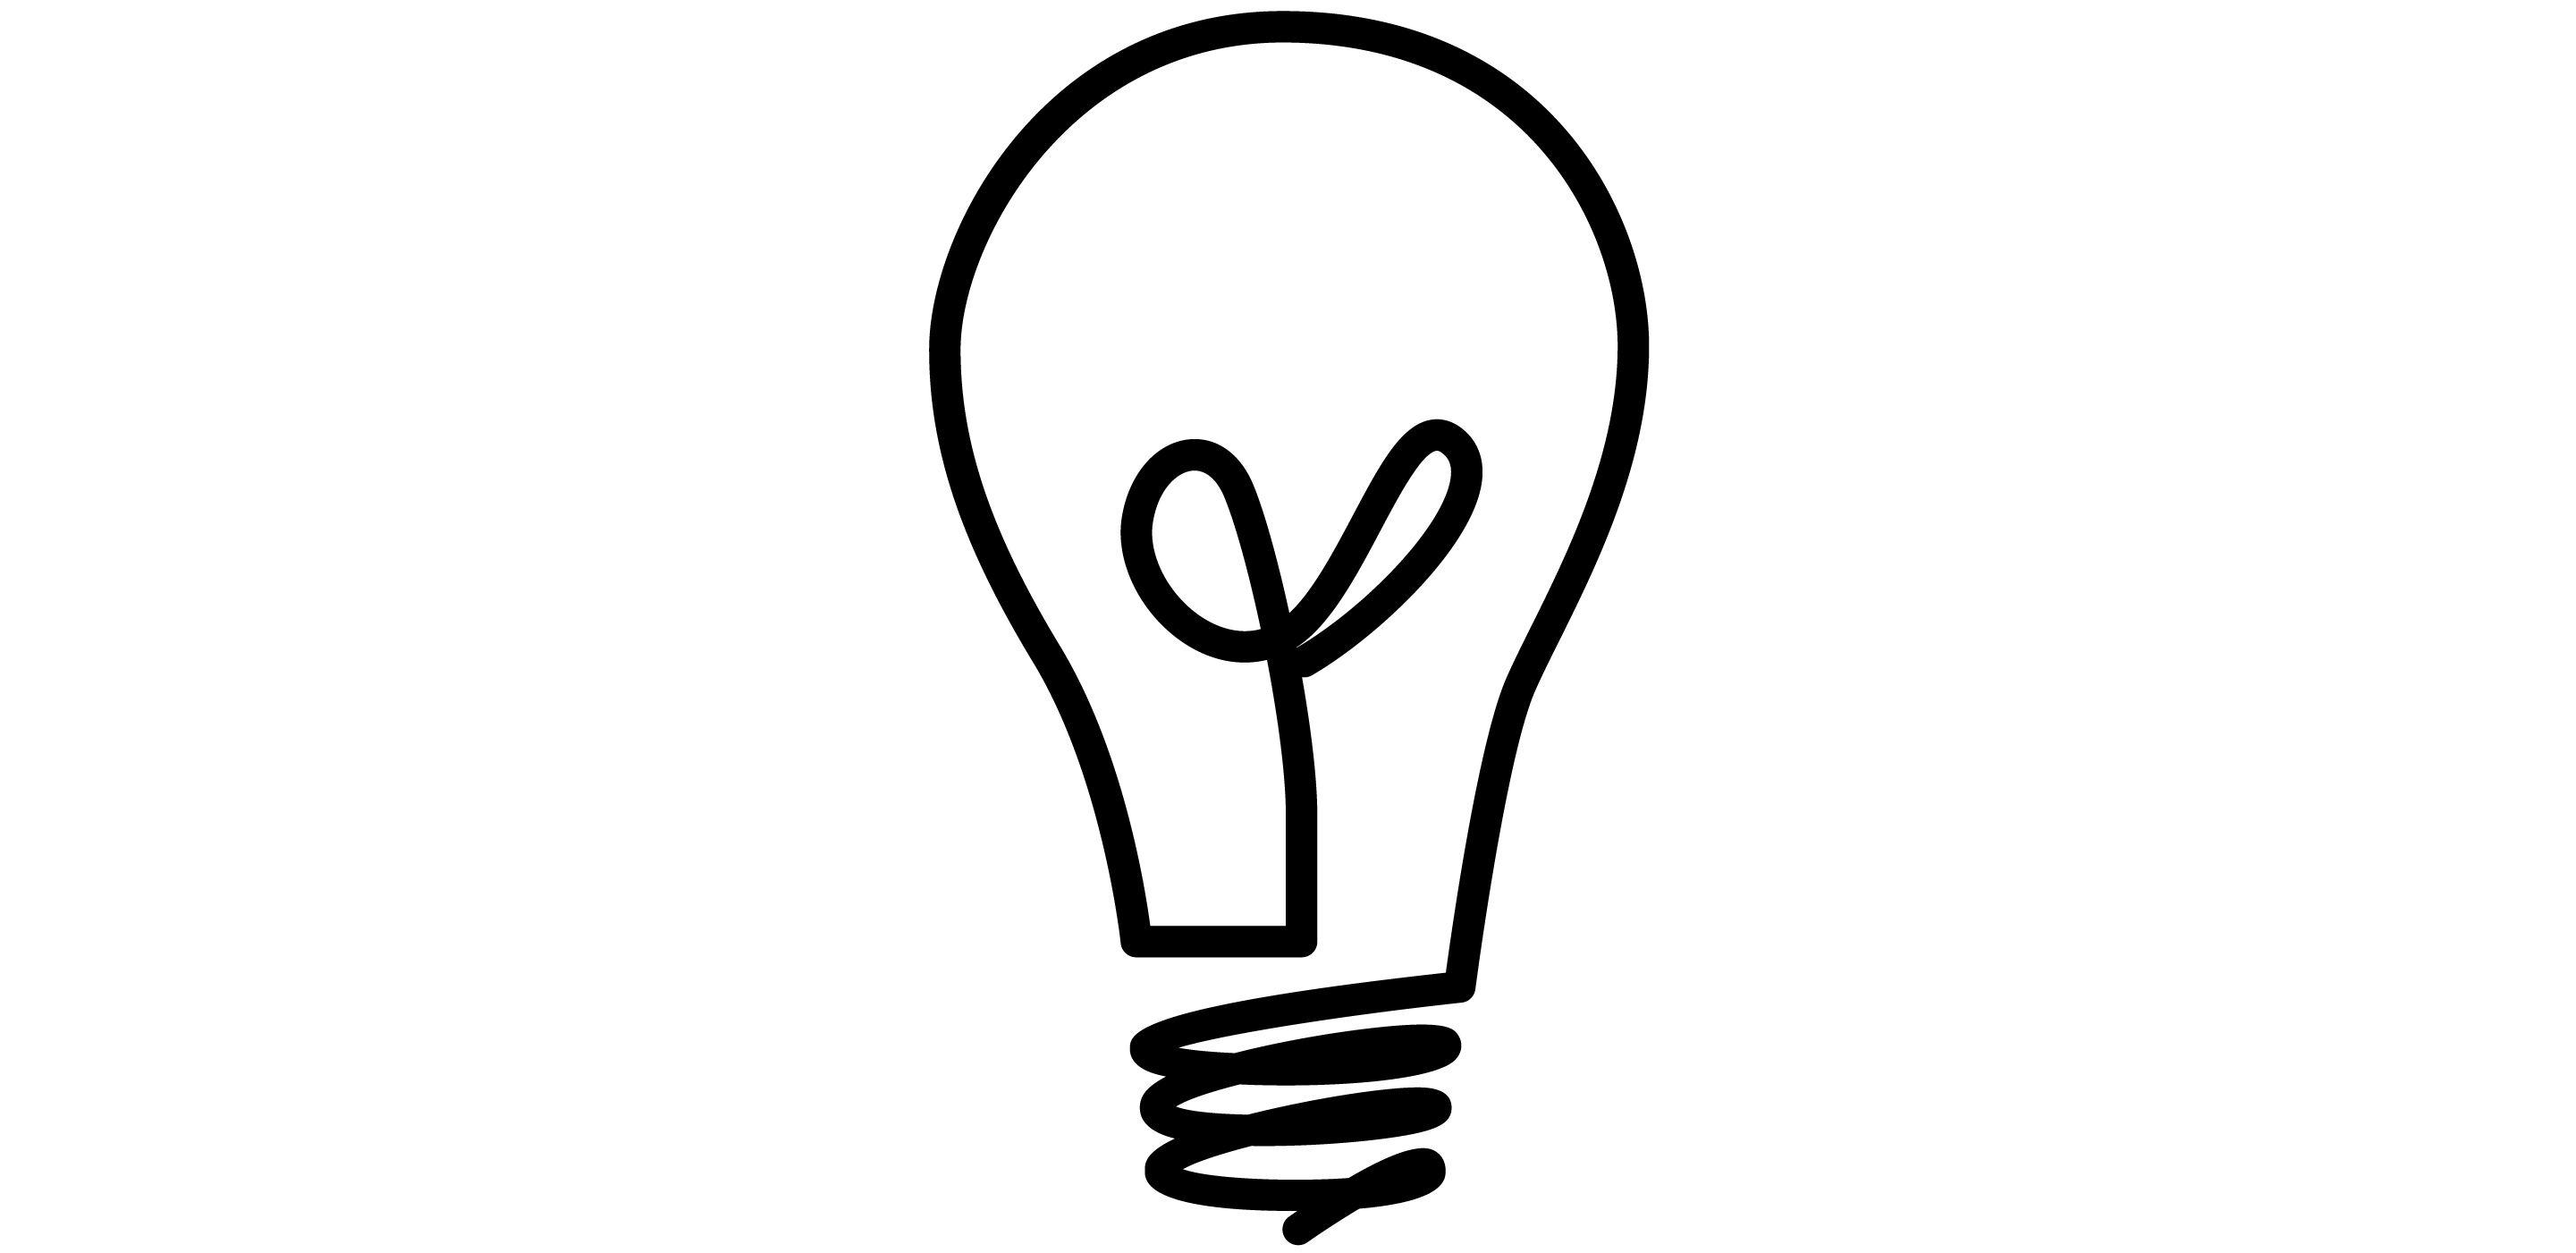 Lightbulb Light Bulb Clipart Images Illustrations Photos Light Bulb Logo Light Bulb Icon Light Bulb Illustration